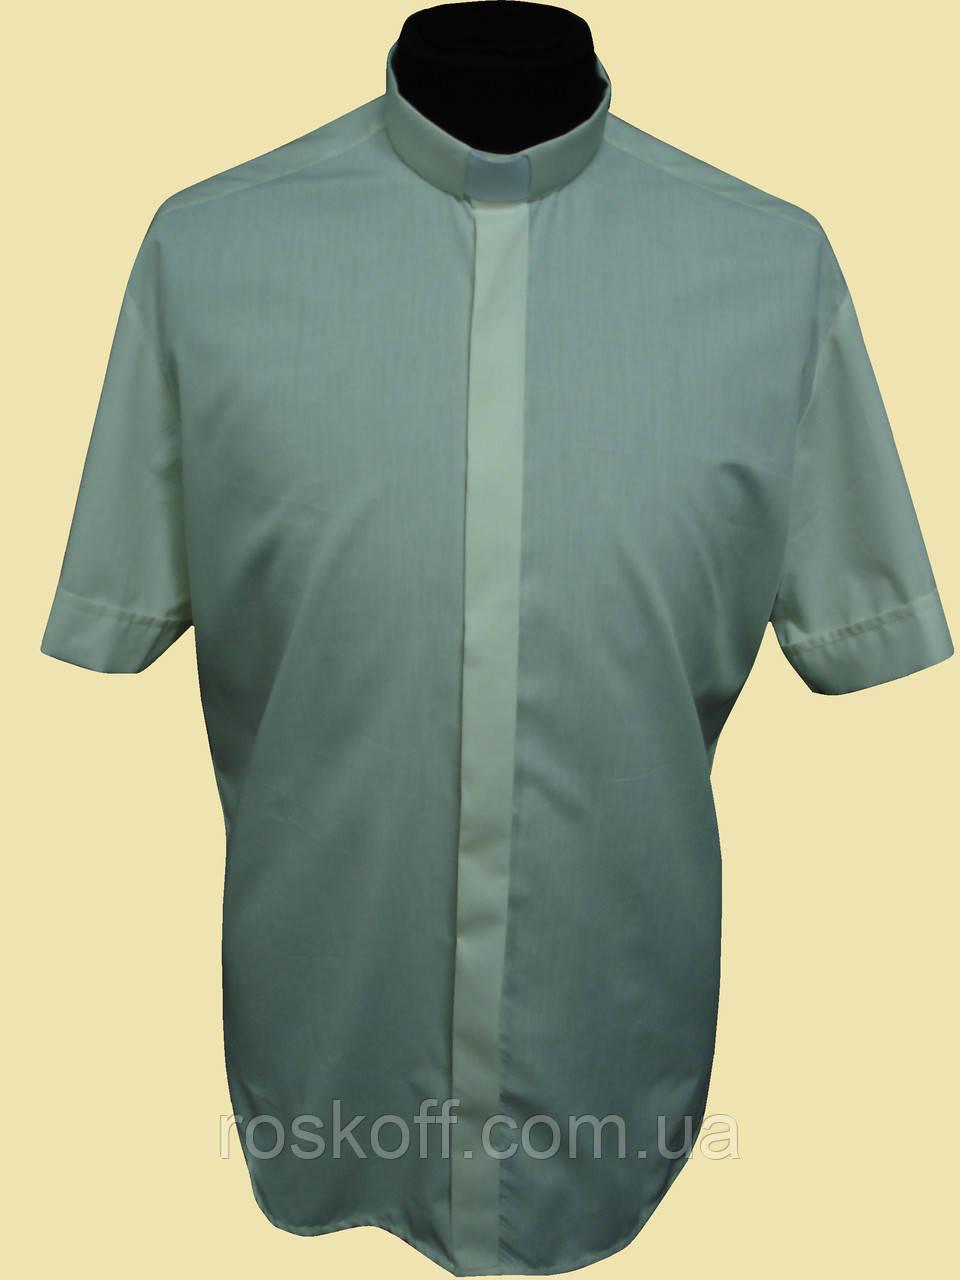 Рубашка с коротким рукавом цвета шампанского